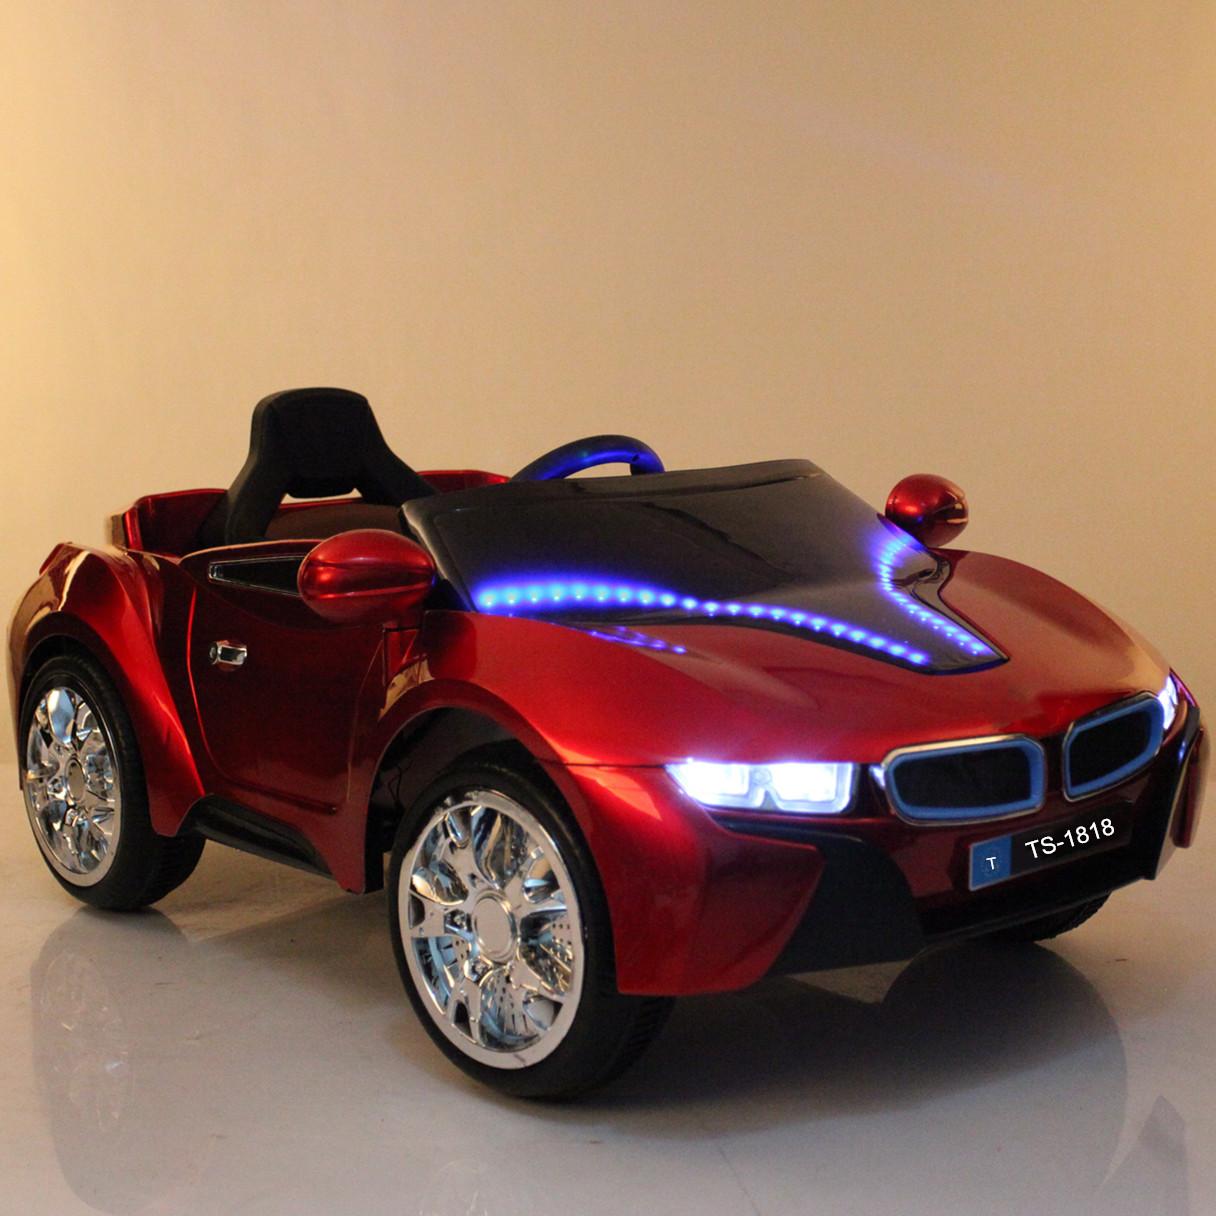 Venta al por mayor autos bateria para chicos Compre online